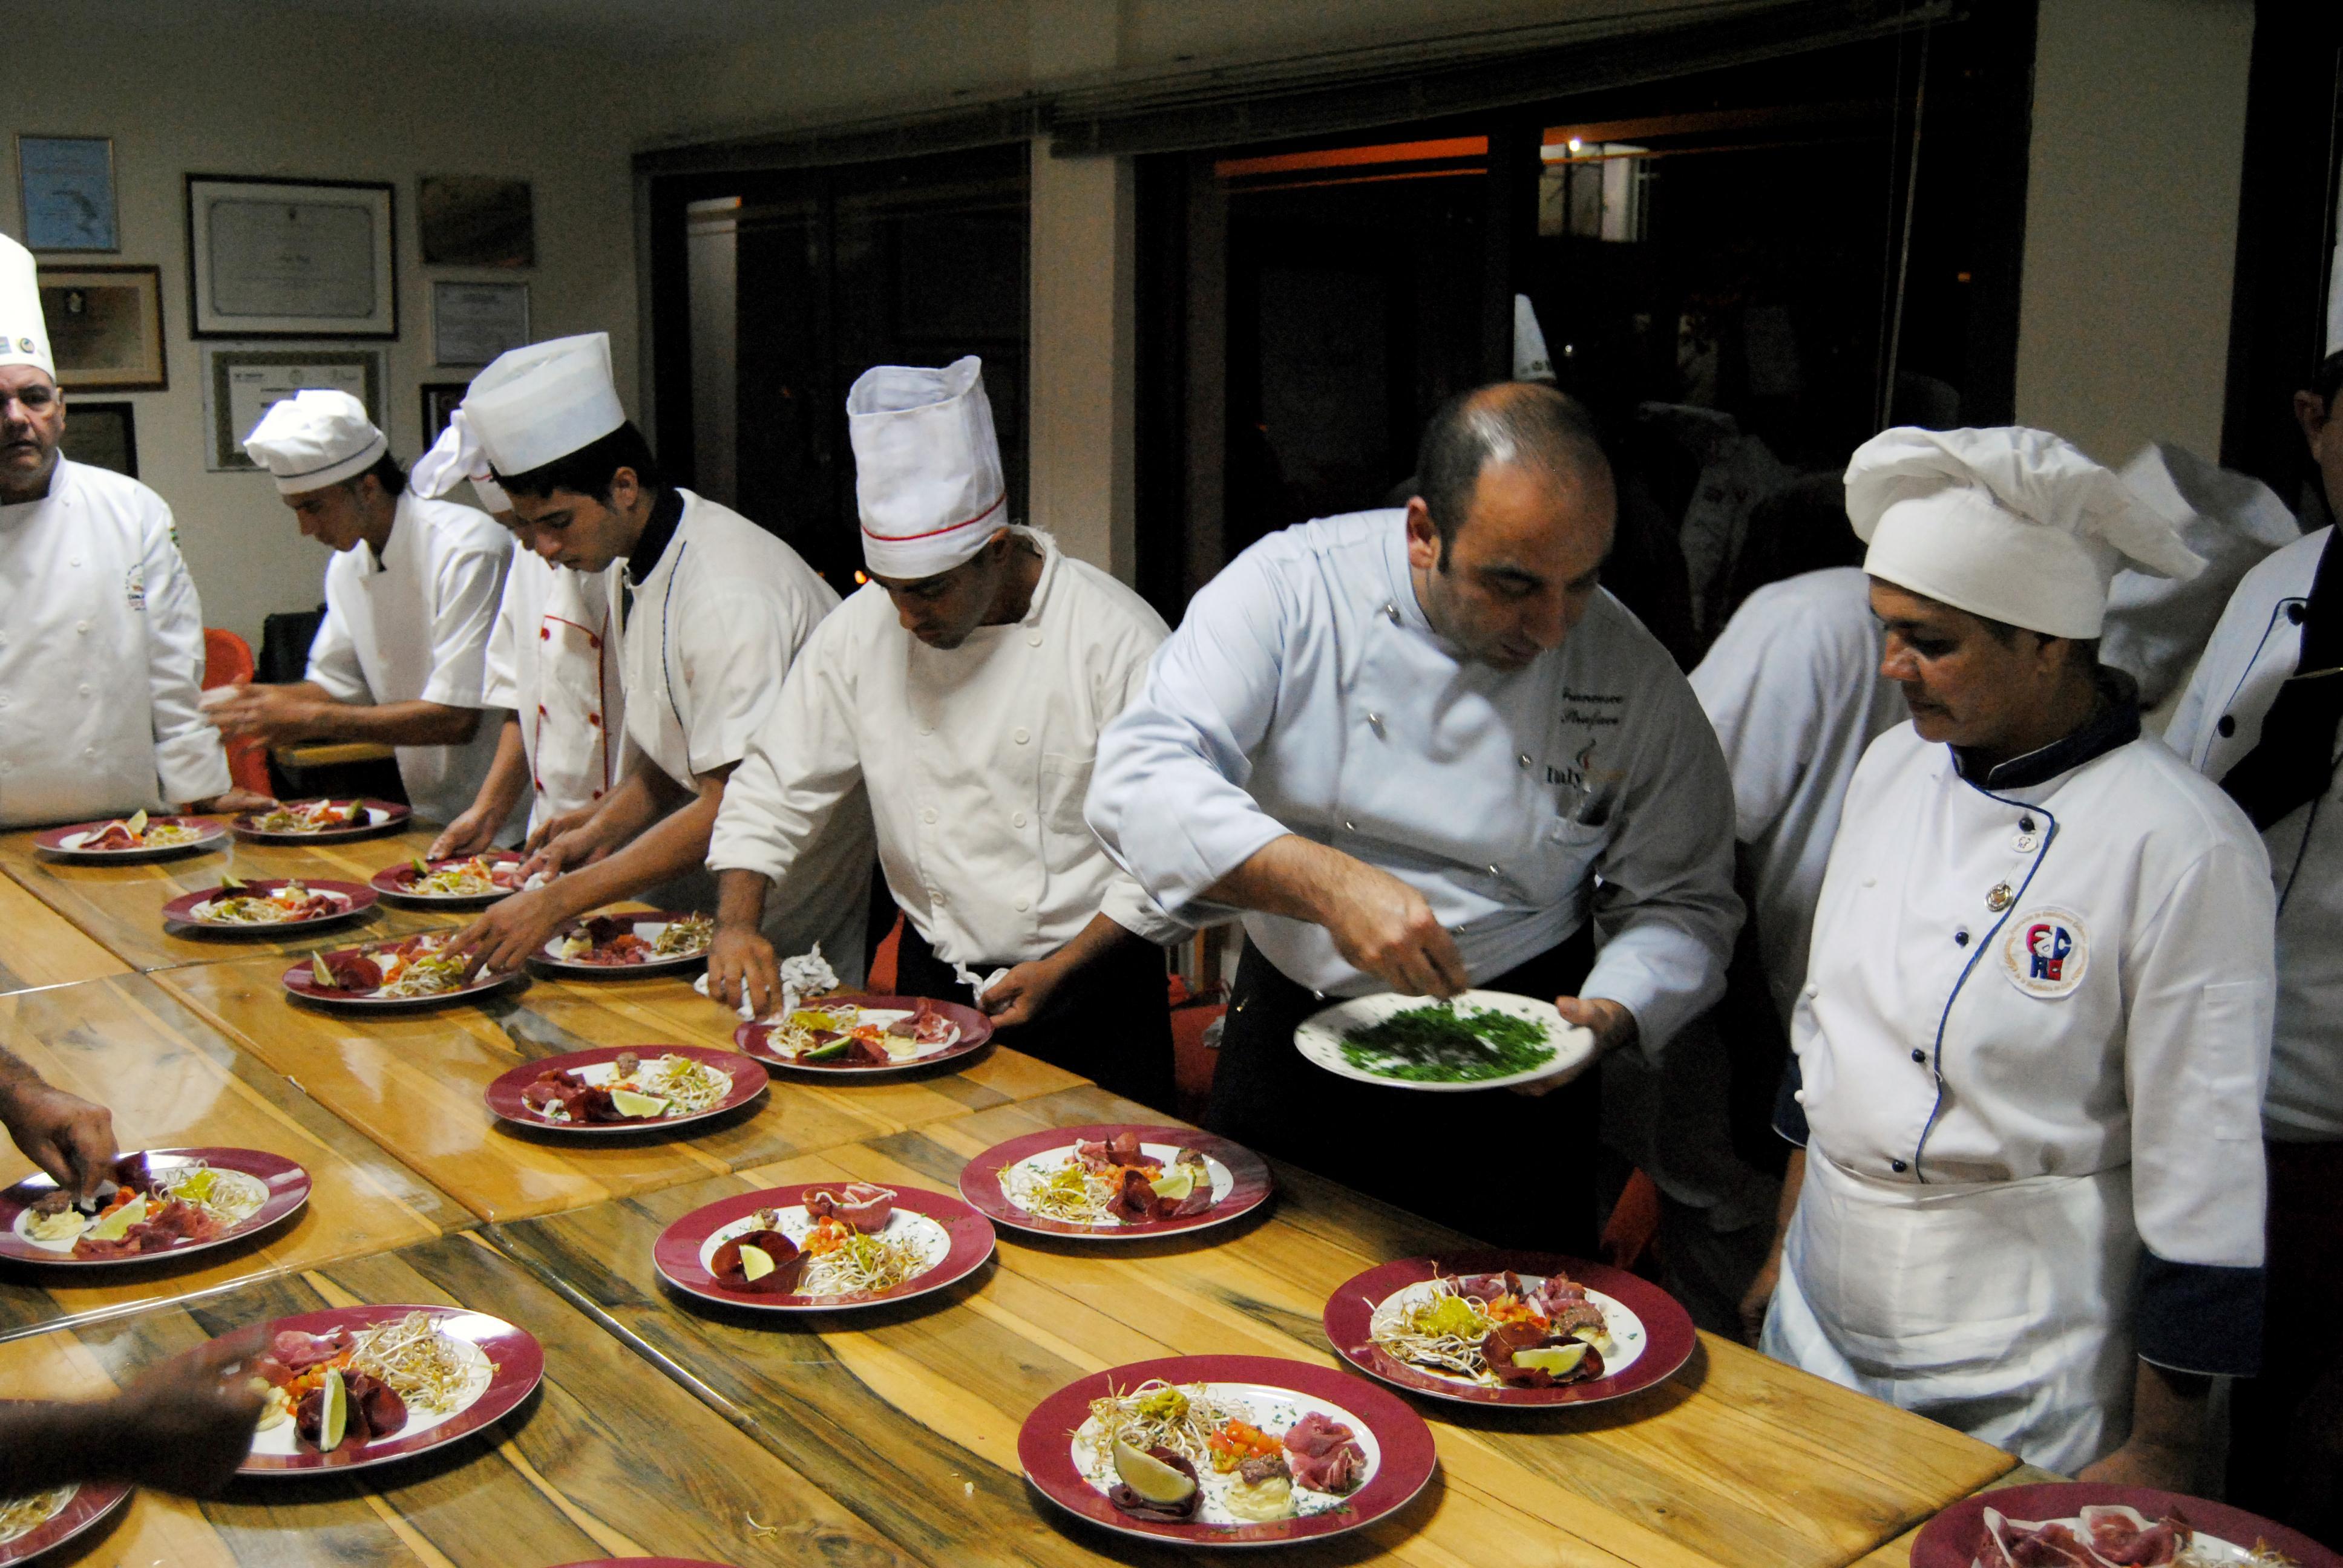 scuola di cucina a cubaBBBBBBB